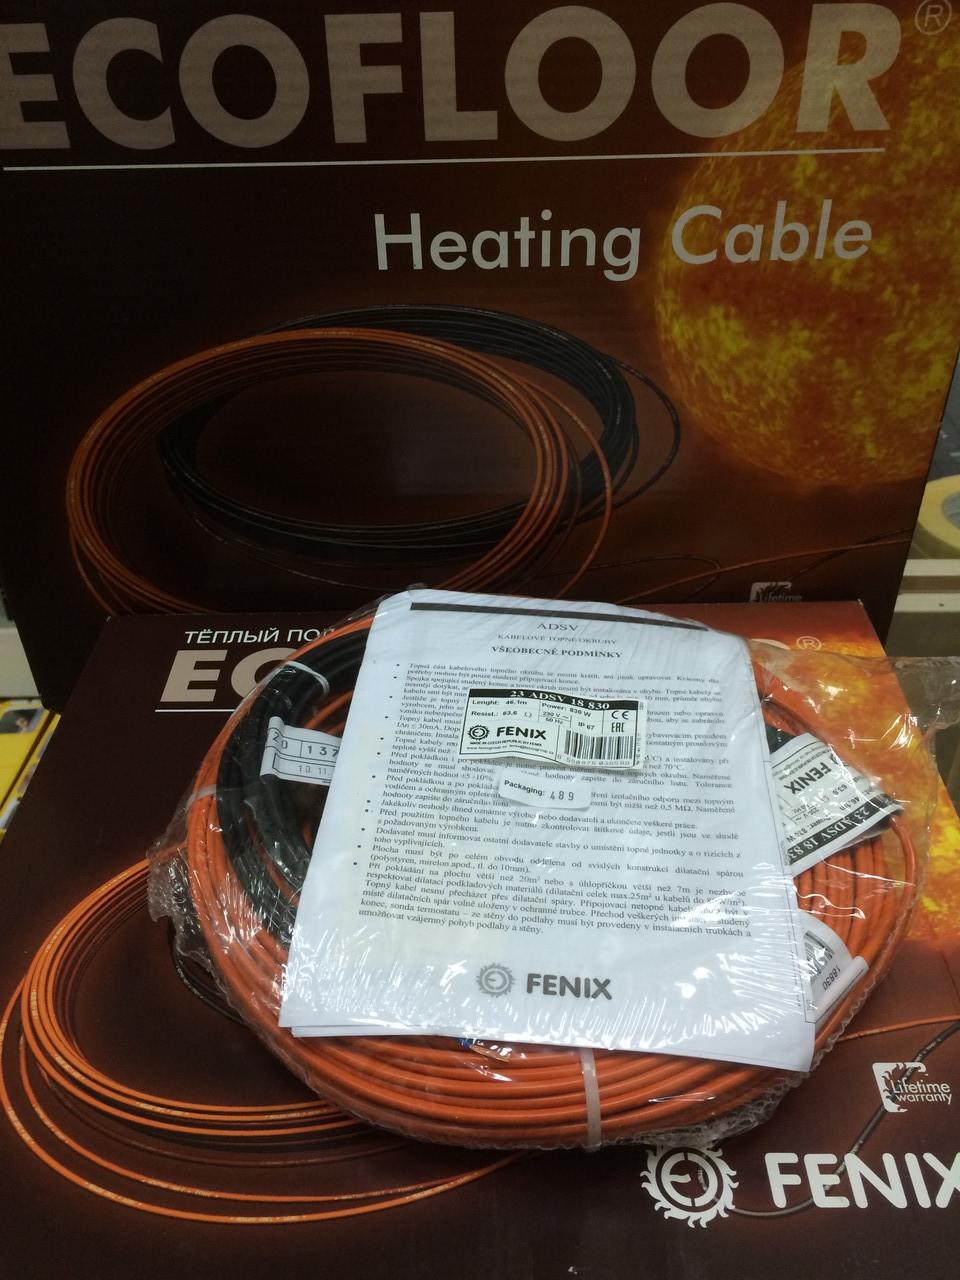 2,2 - 1,9 m2 320Вт 18.5м Fenix Ecofloor (Чехія) ADSV18 греющий кабель для укладки под плитку на теплый пол